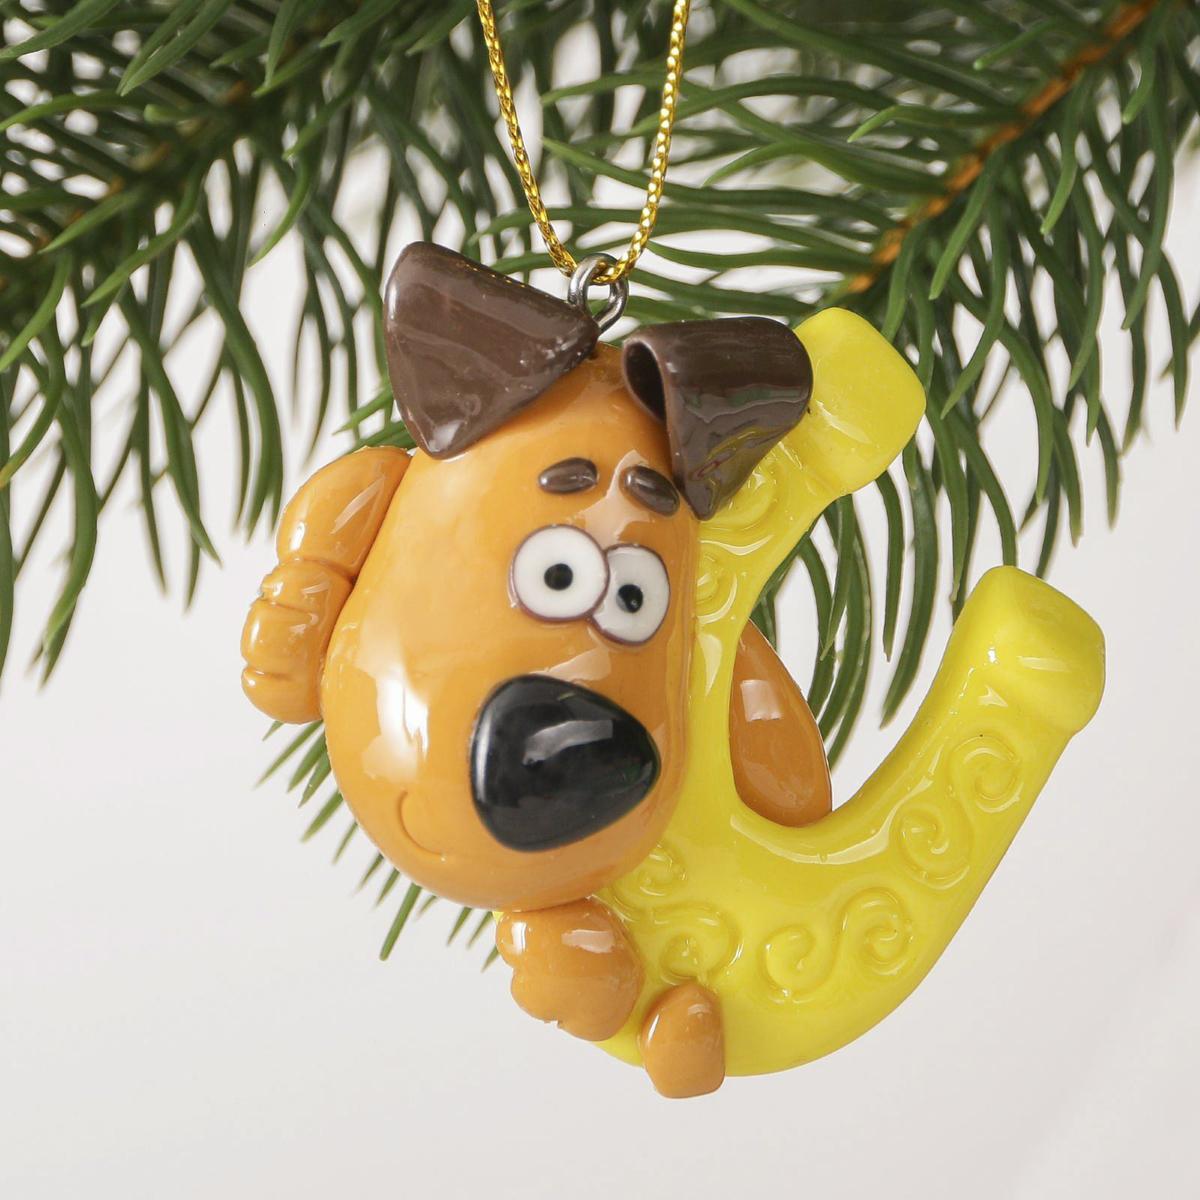 Украшение новогоднее подвесное На удачу, 6,5 х 5 см2323280Новогоднее украшение, выполненное из полирезина, отлично подойдет для декорации вашего дома и новогодней ели. С помощью специальнойпетельки украшение можно повесить в любом понравившемся вам месте. Но, конечно, удачнее всего оно будет смотреться на праздничной елке. Елочная игрушка - символ Нового года. Она несет в себе волшебство и красоту праздника. Такое украшение создаст в вашем домеатмосферу праздника, веселья и радости.